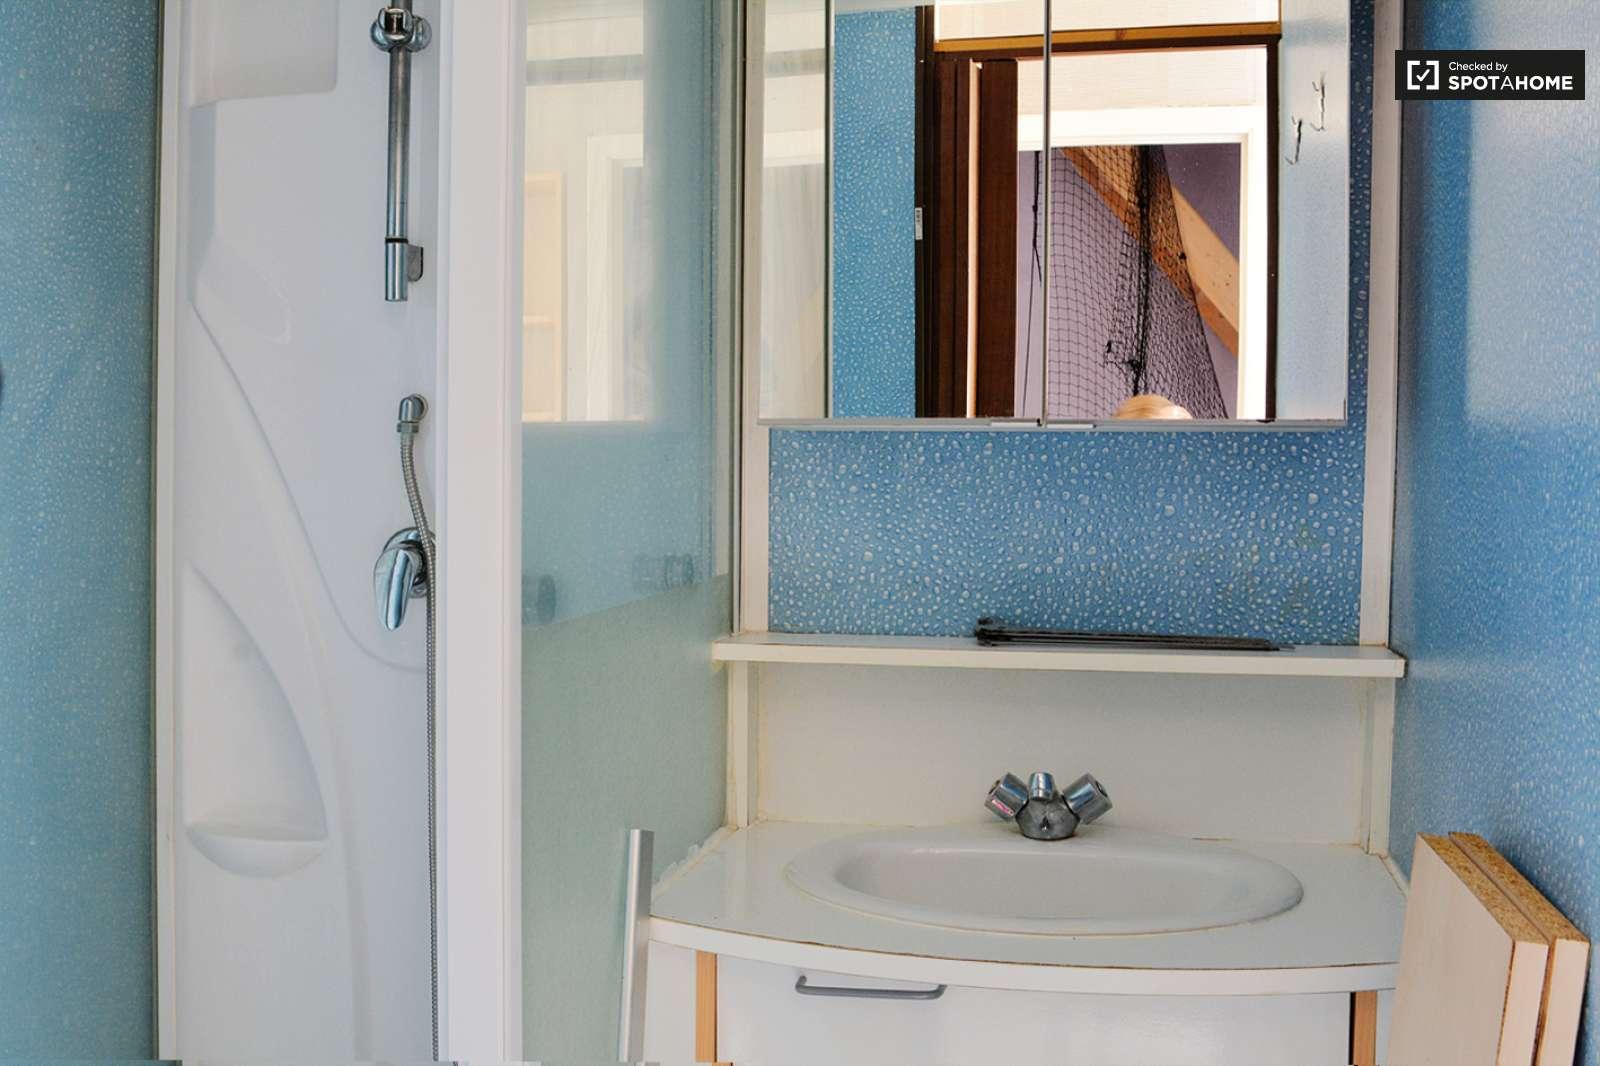 Chambre relaxante dans un appartement de 3 chambres for Salle de bain attenante